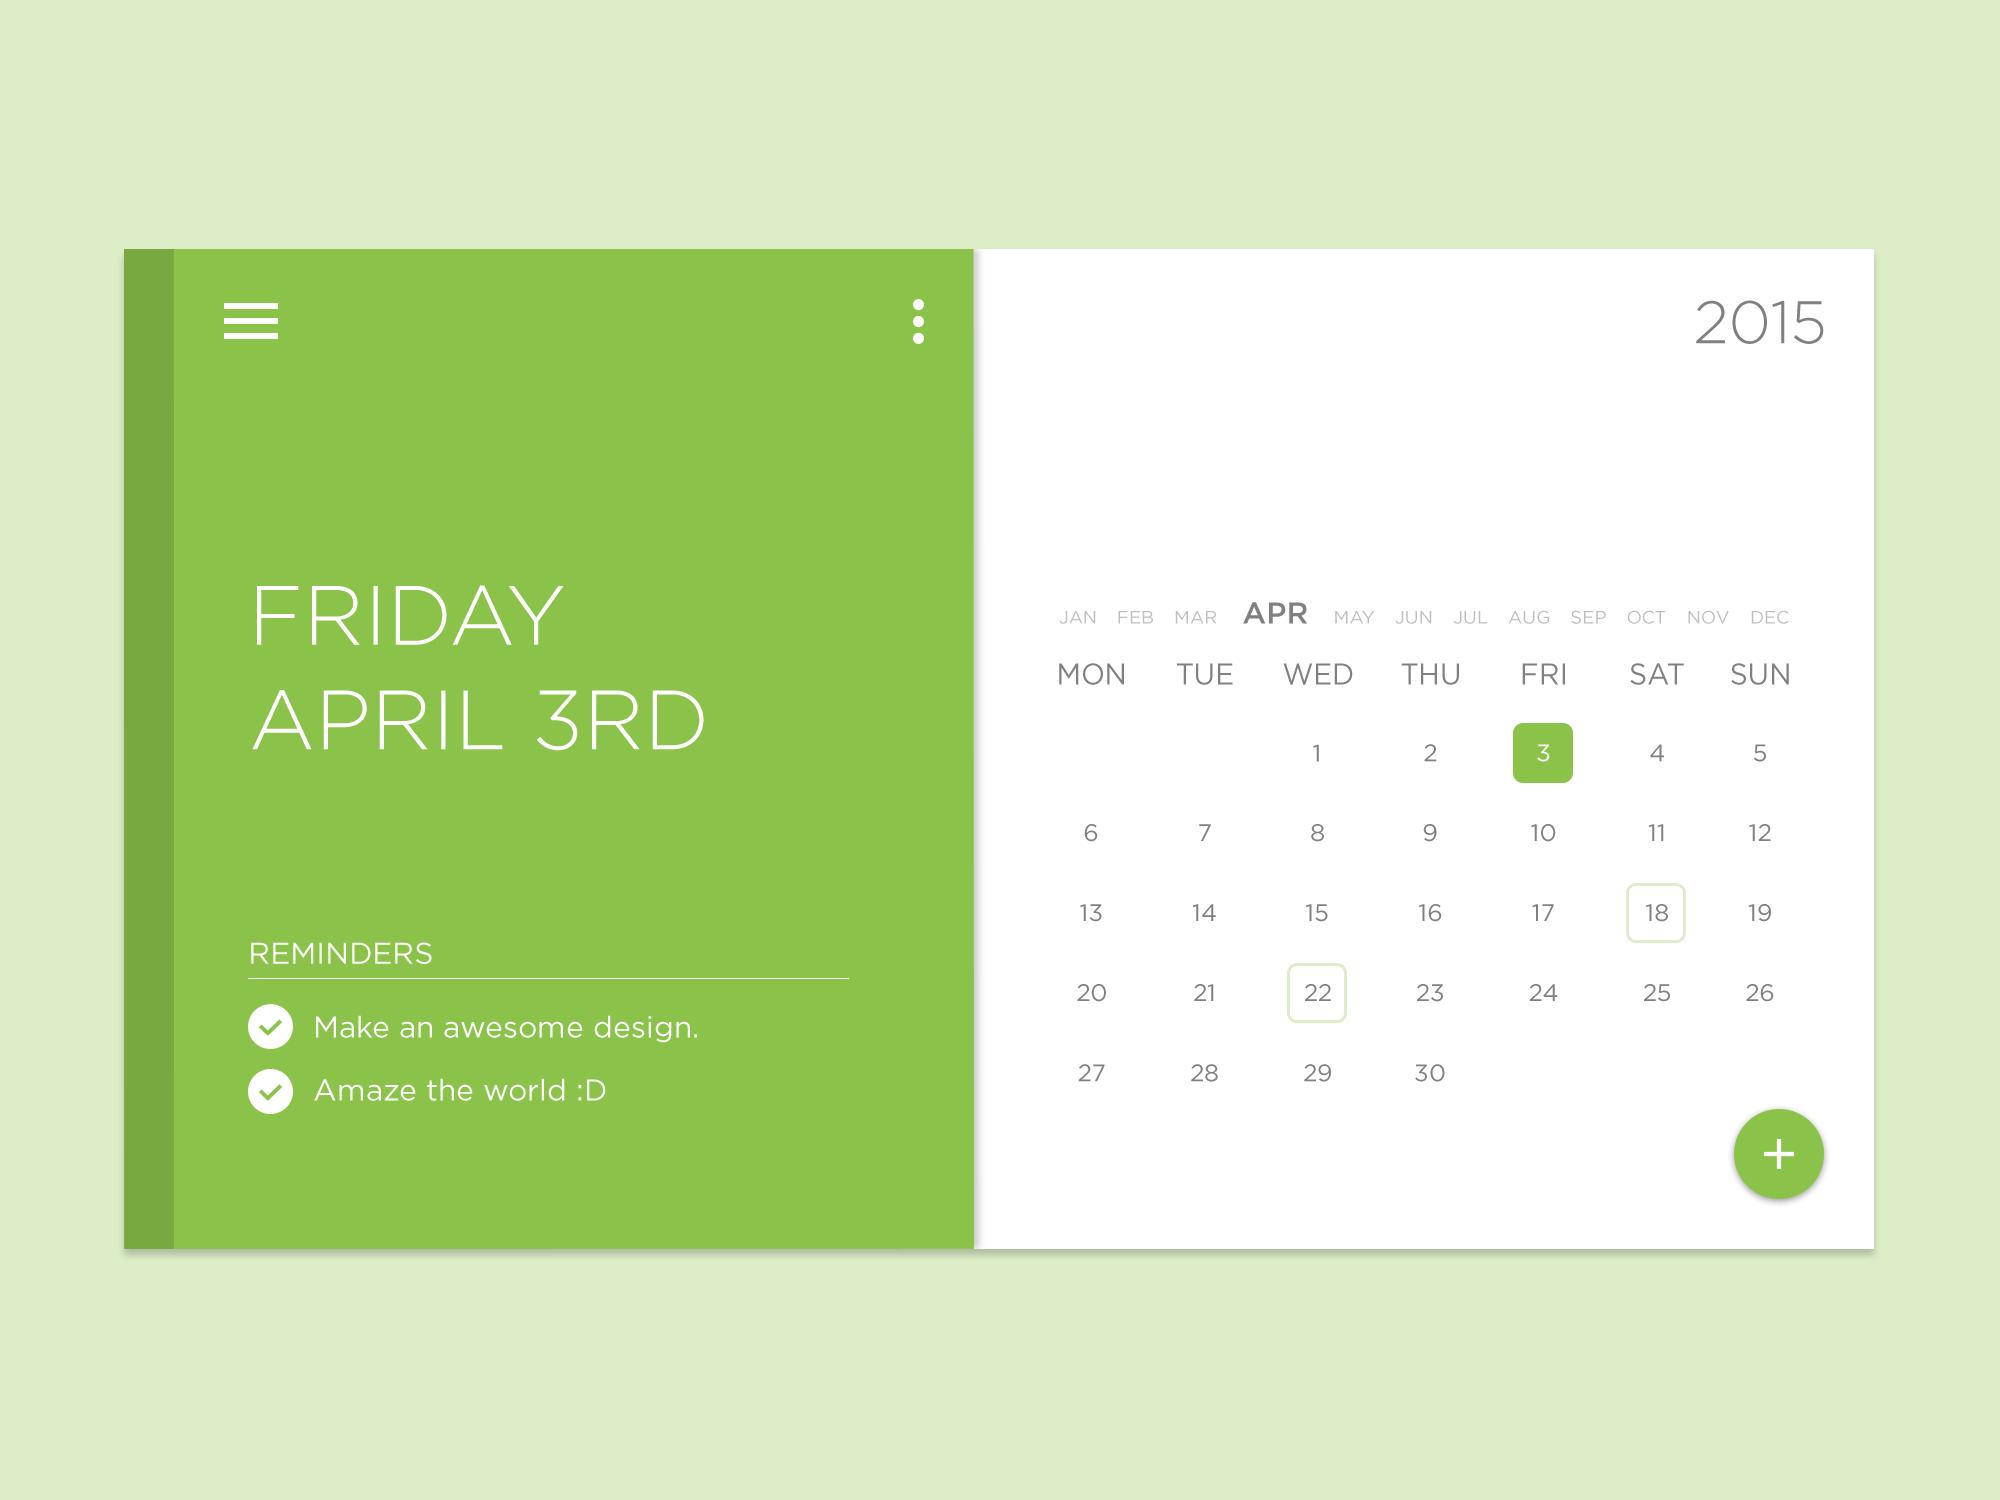 绿色小清新Material design风格日历界面 时间日期-第1张